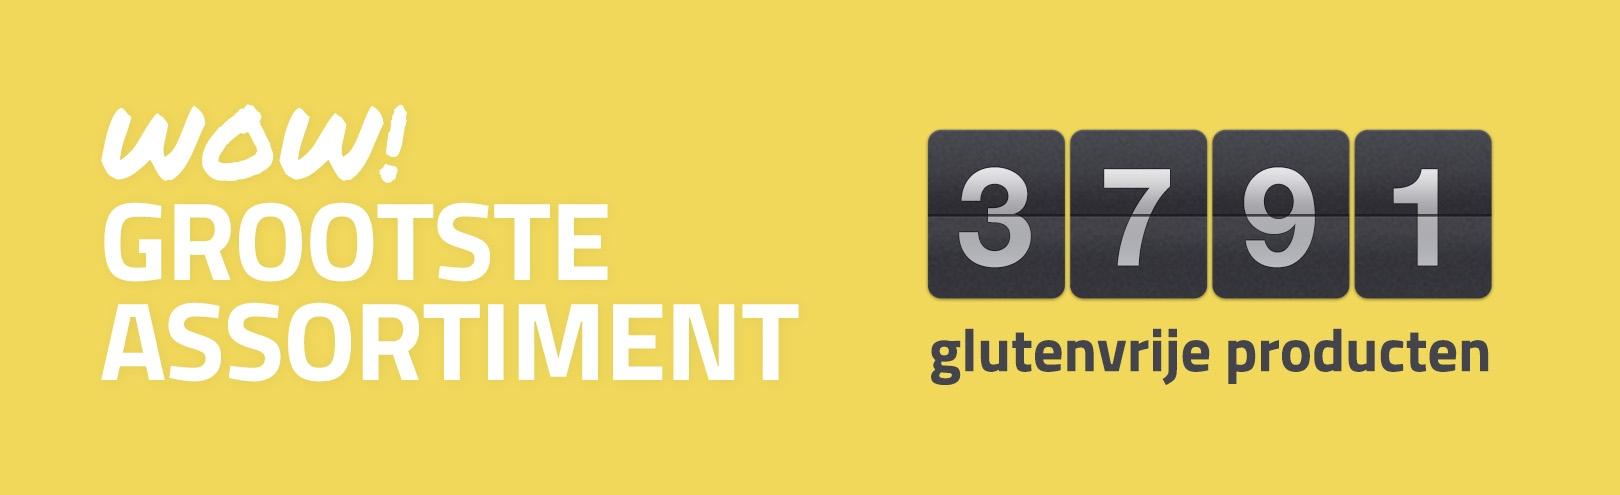 Het grootste glutenvrije assortiment